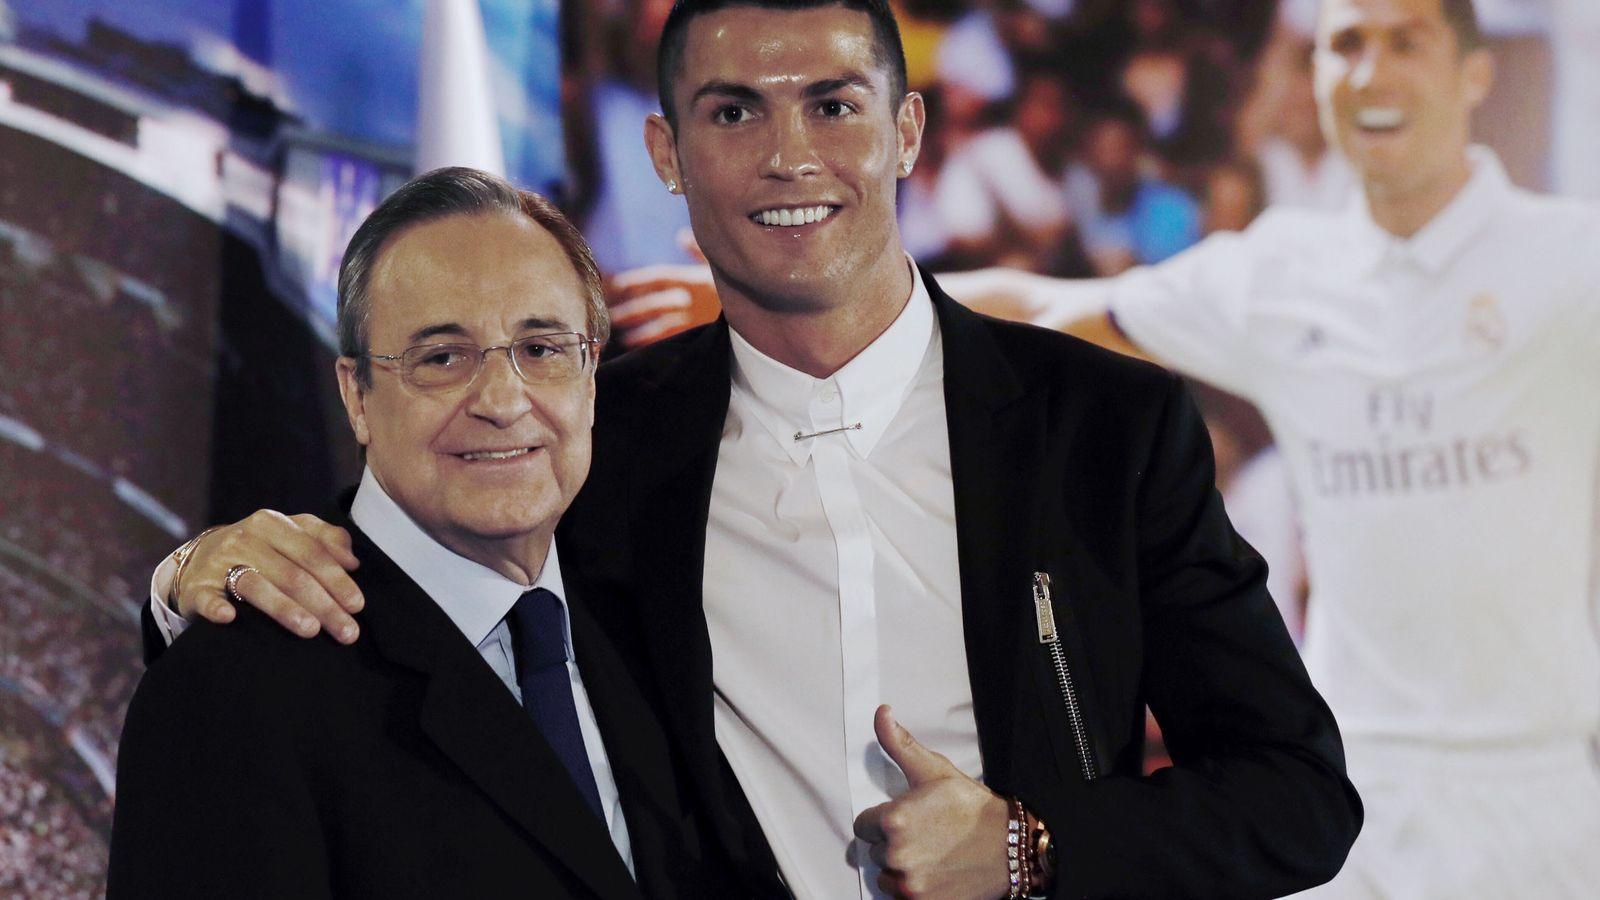 Foto:  El delantero portugués del Real Madrid Cristiano Ronaldo, acompañado por el presidente del club, Florentino Pérez. (EFE)